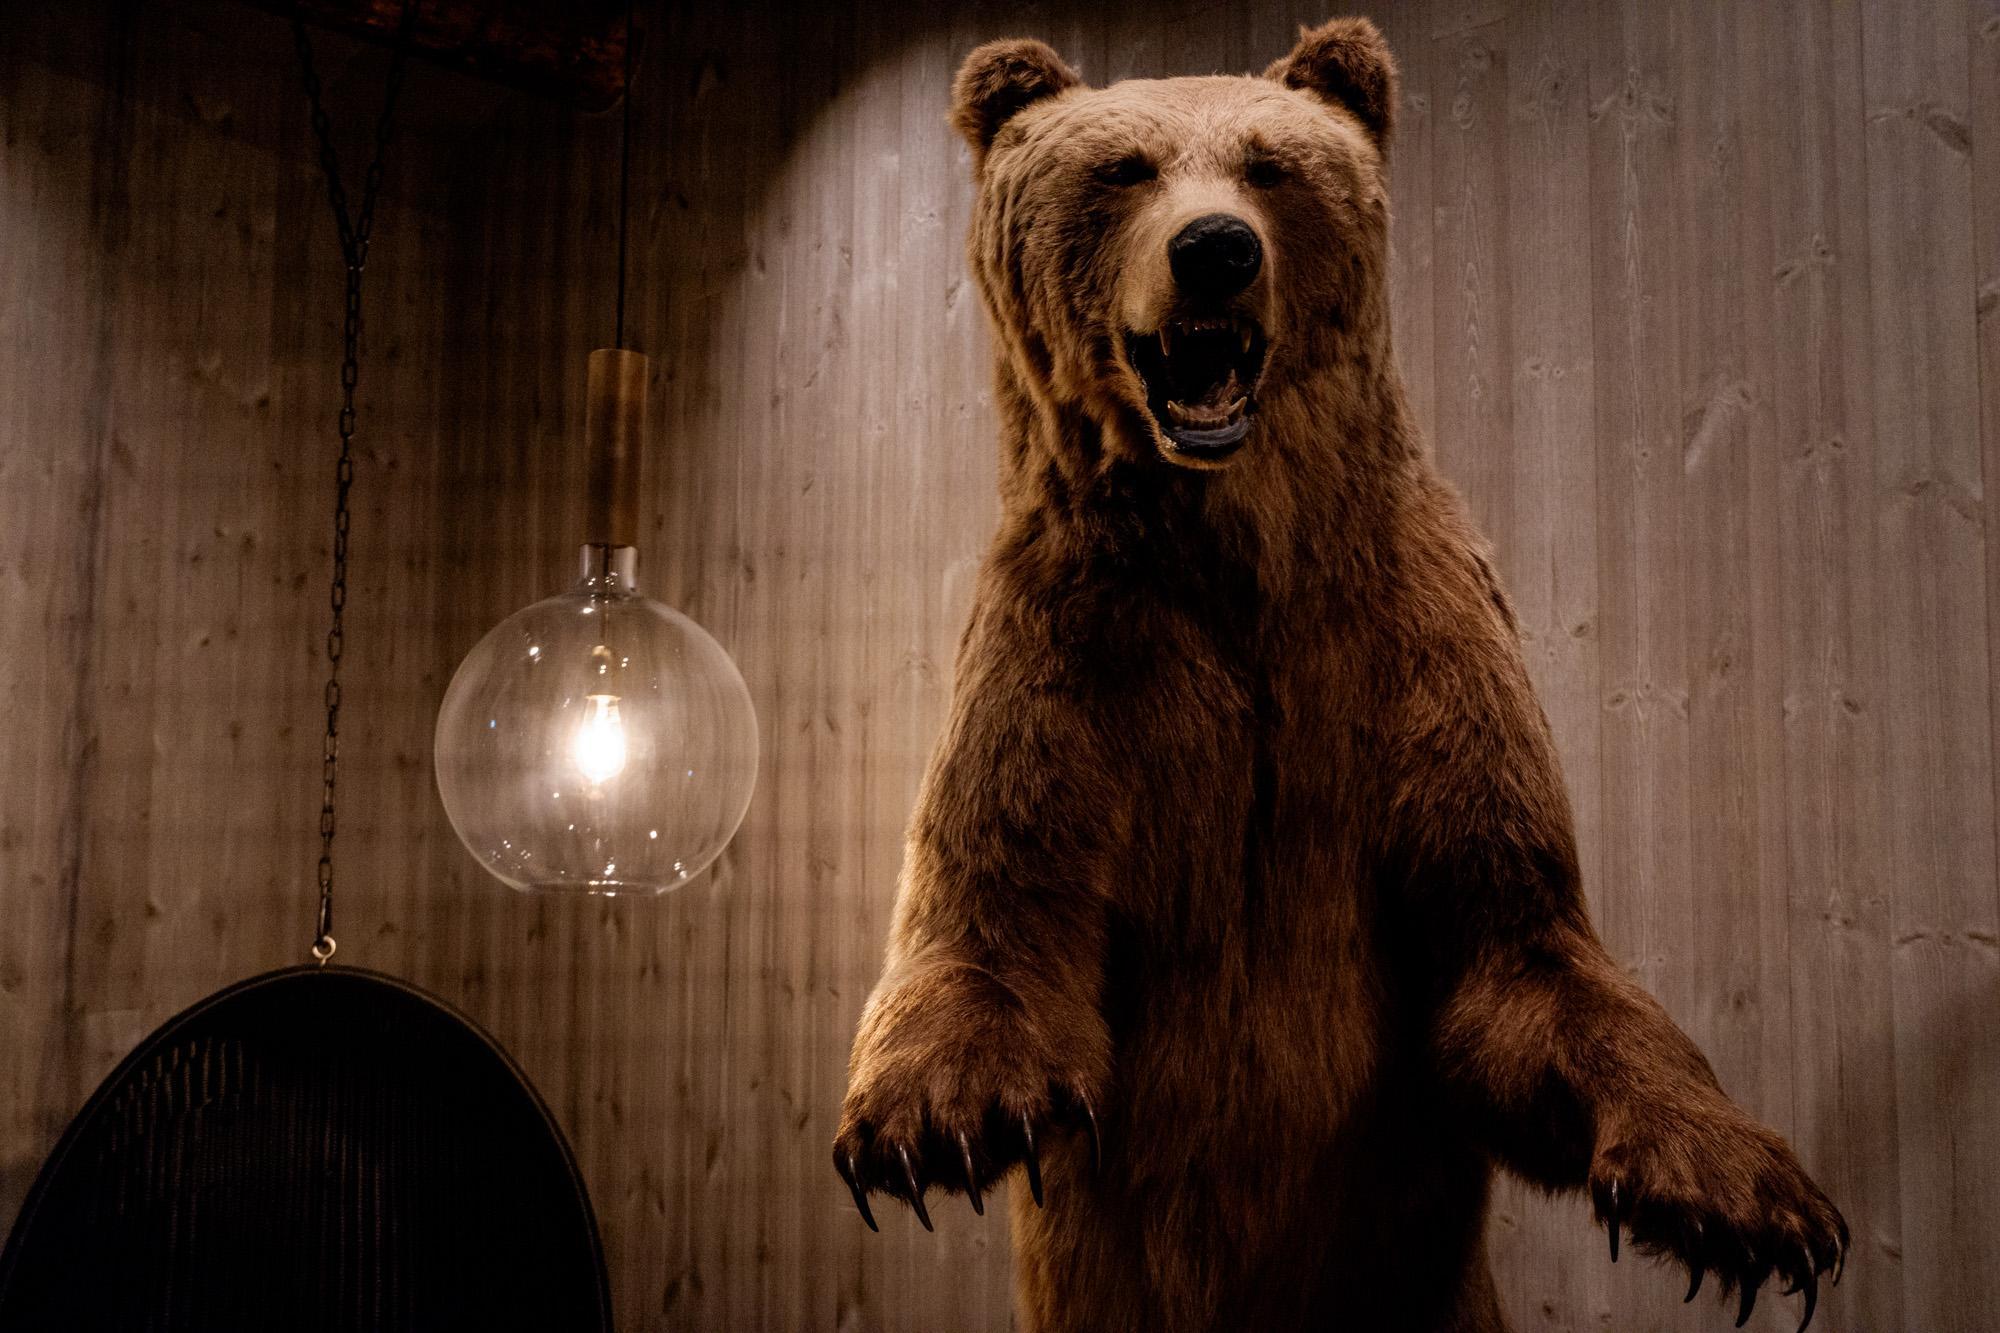 L'ours empaillé est à la mode. Celui-ci a cependant une histoire bien particulière. Tué en légitime-défense par un vieil homme parti à la chasse, l'ours fut offert à un fameux joueur de hockey suédois qui décida de le donner à l'hôtel.